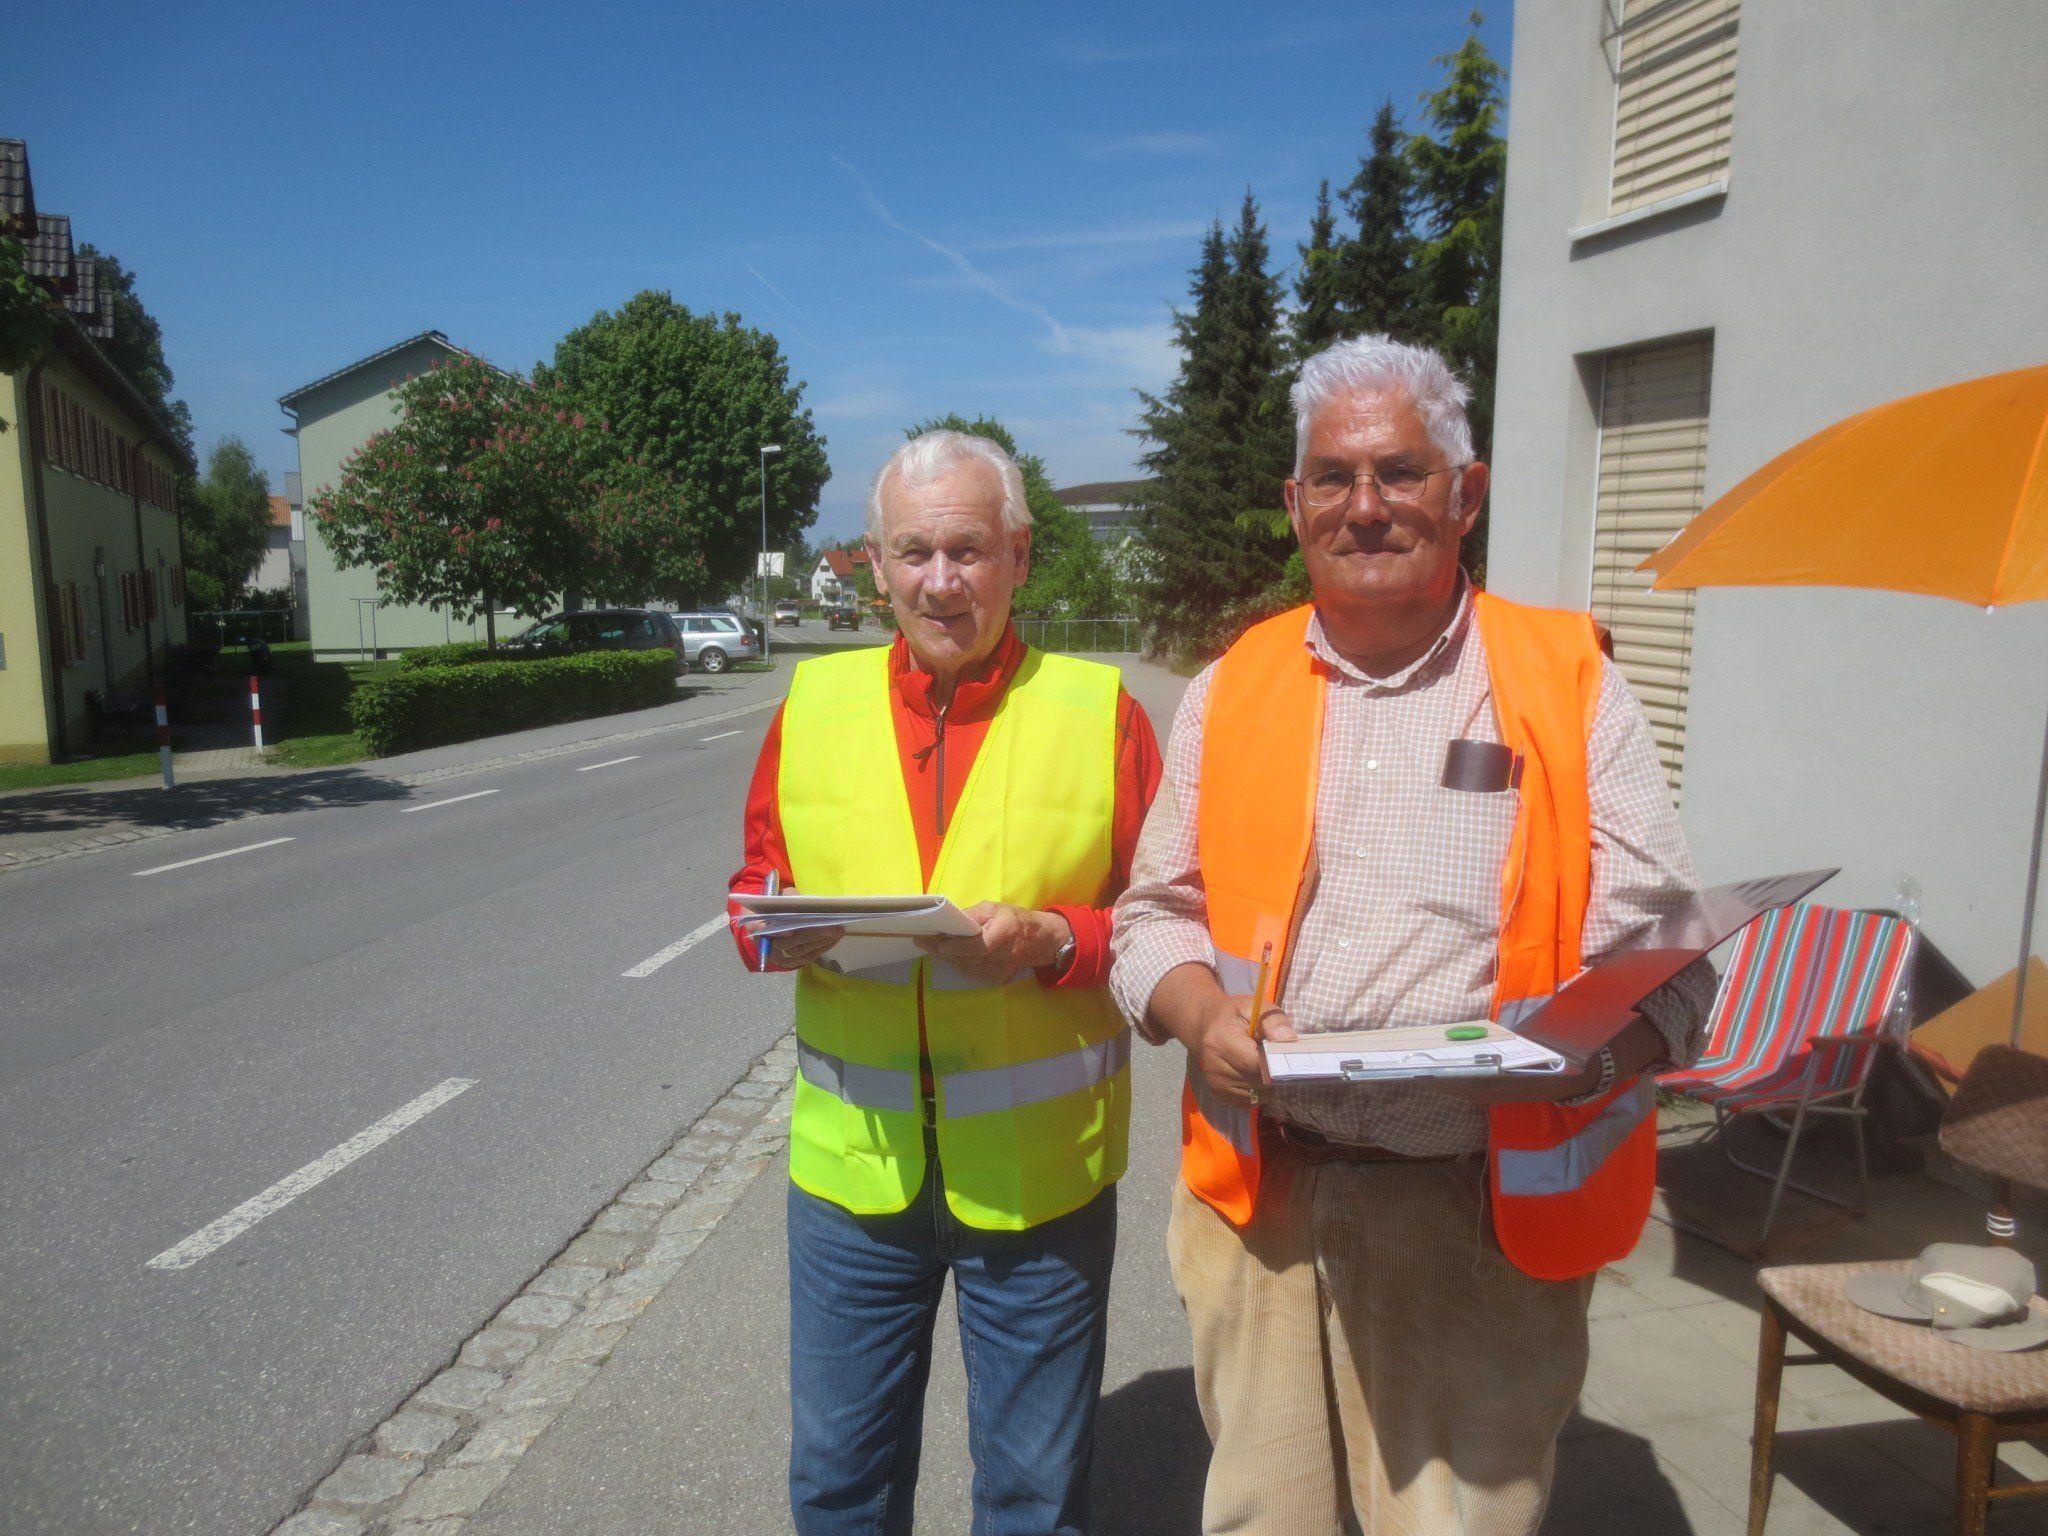 Josef Böhler und Manfred Kepp an der Zählstelle Q 2 Toni-Russ-Straße im Einsatz.